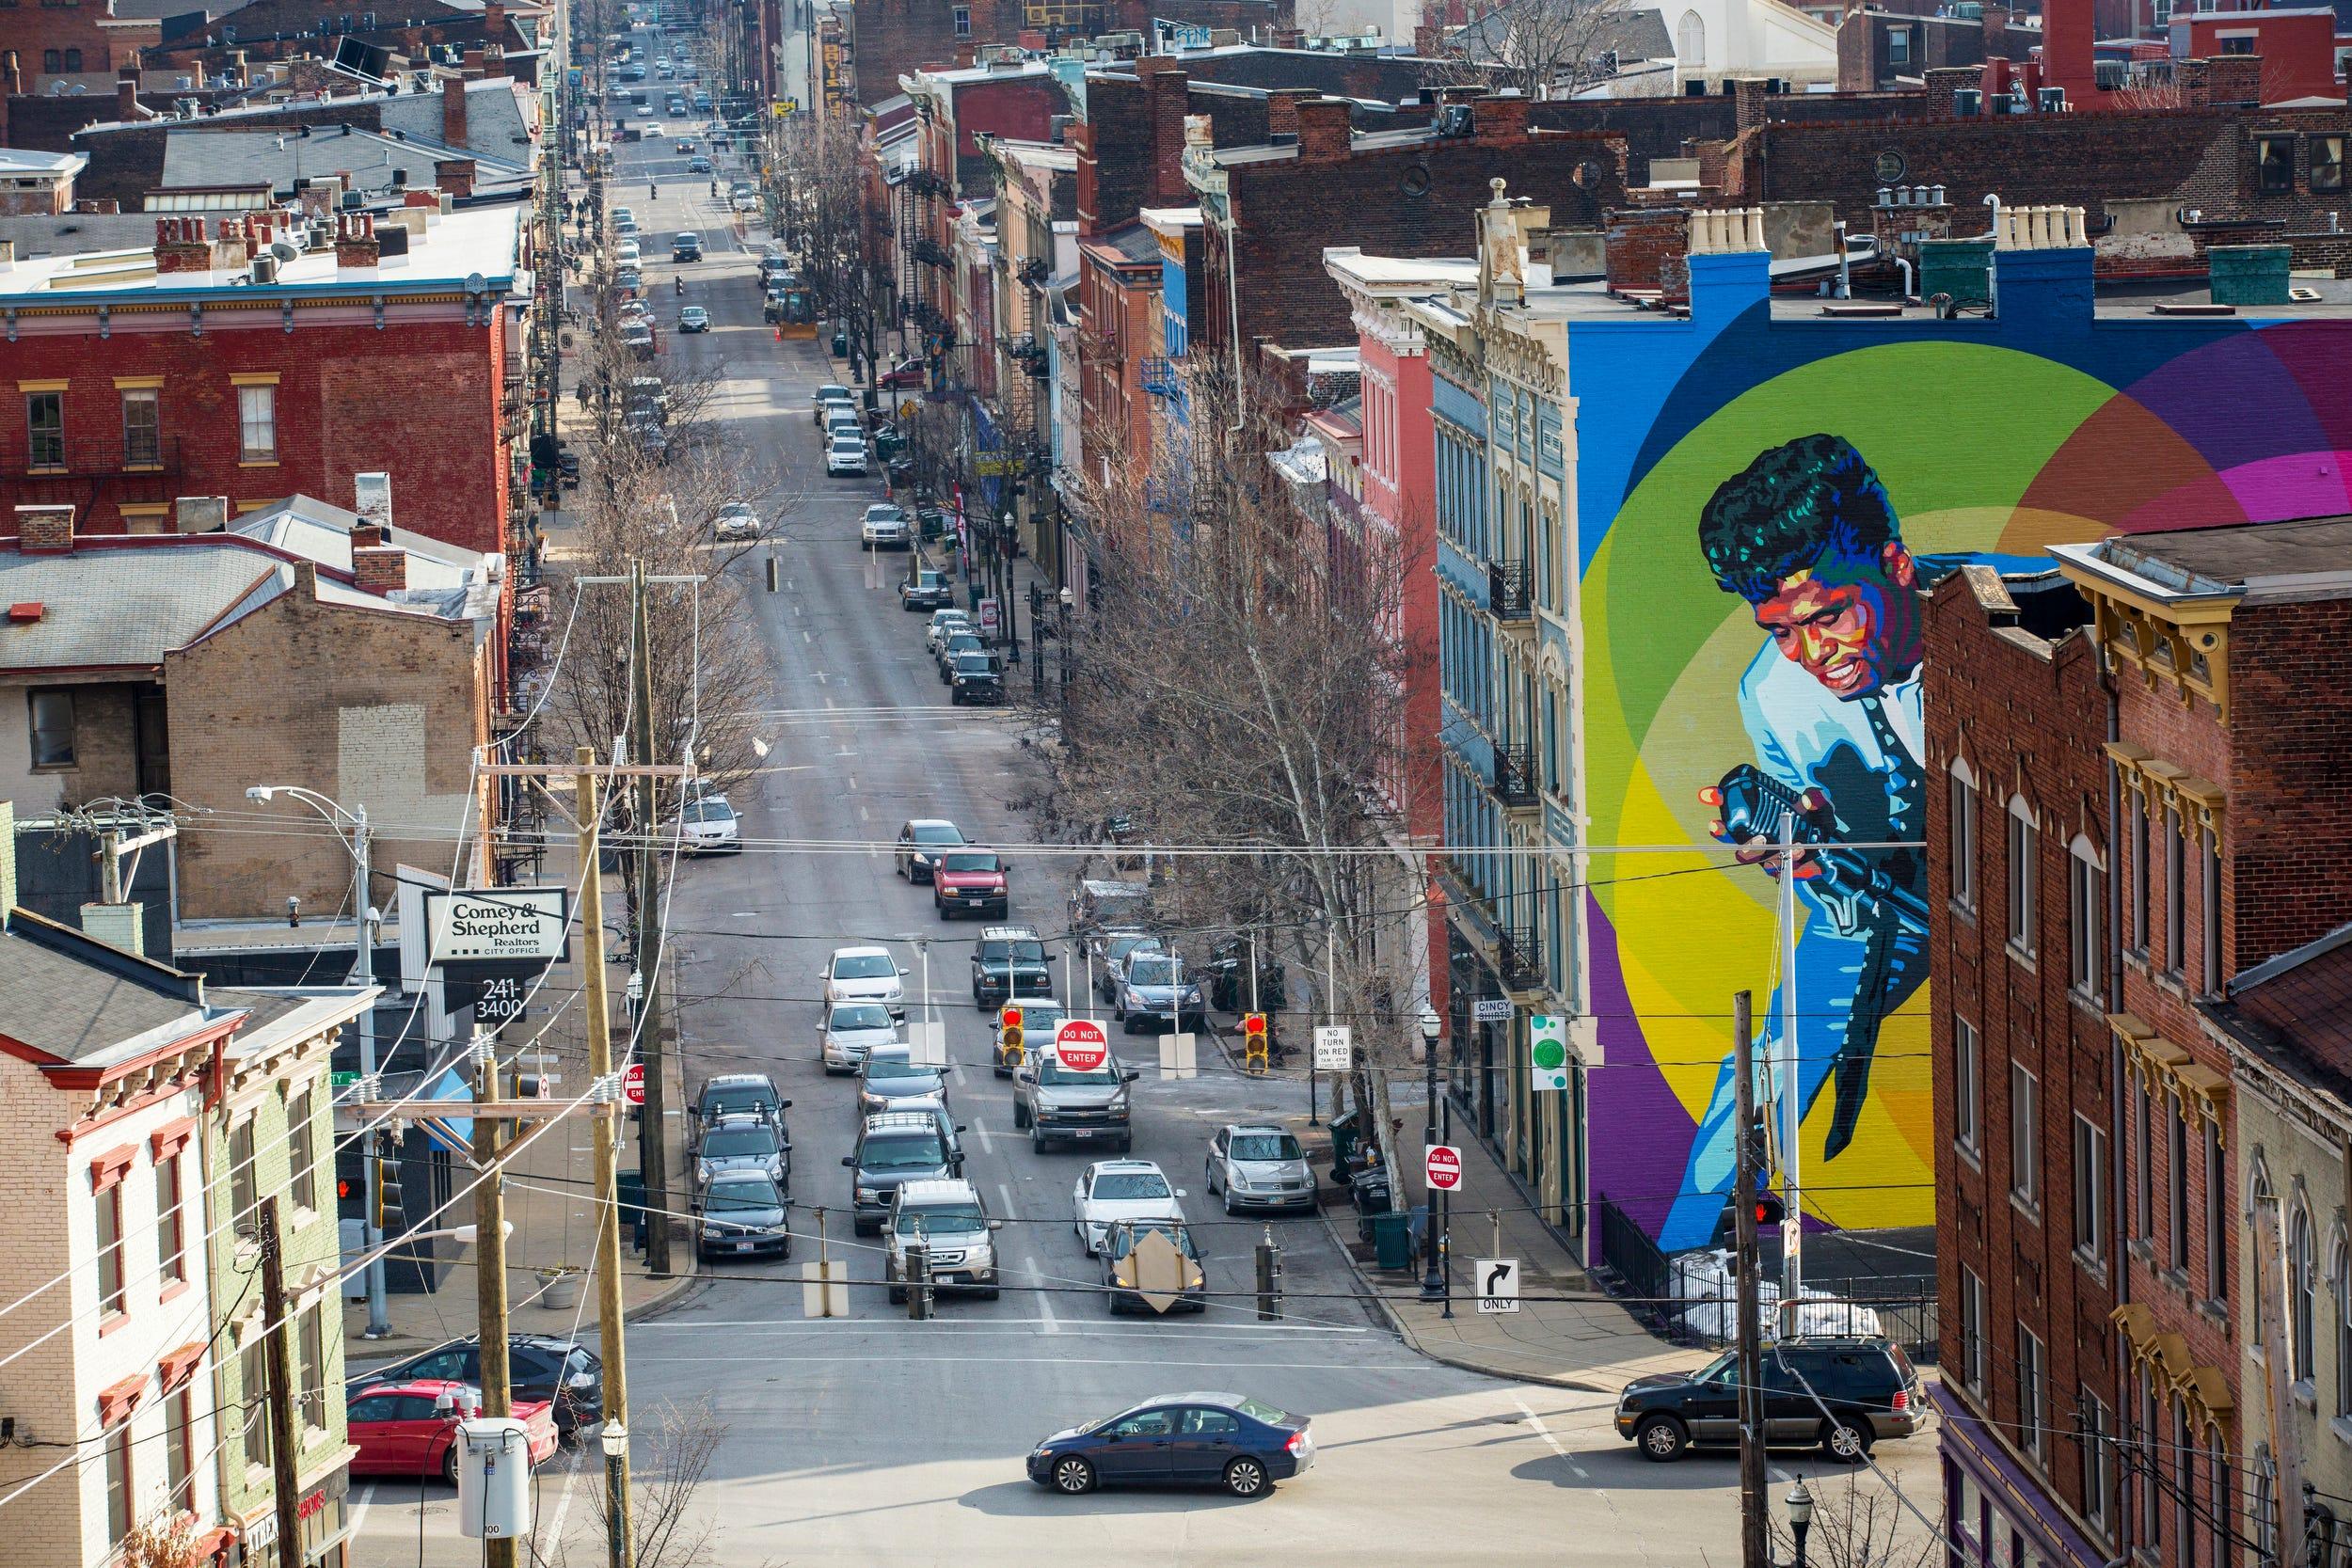 Top 5 things to do this weekend in Cincinnati: Oct. 18-20